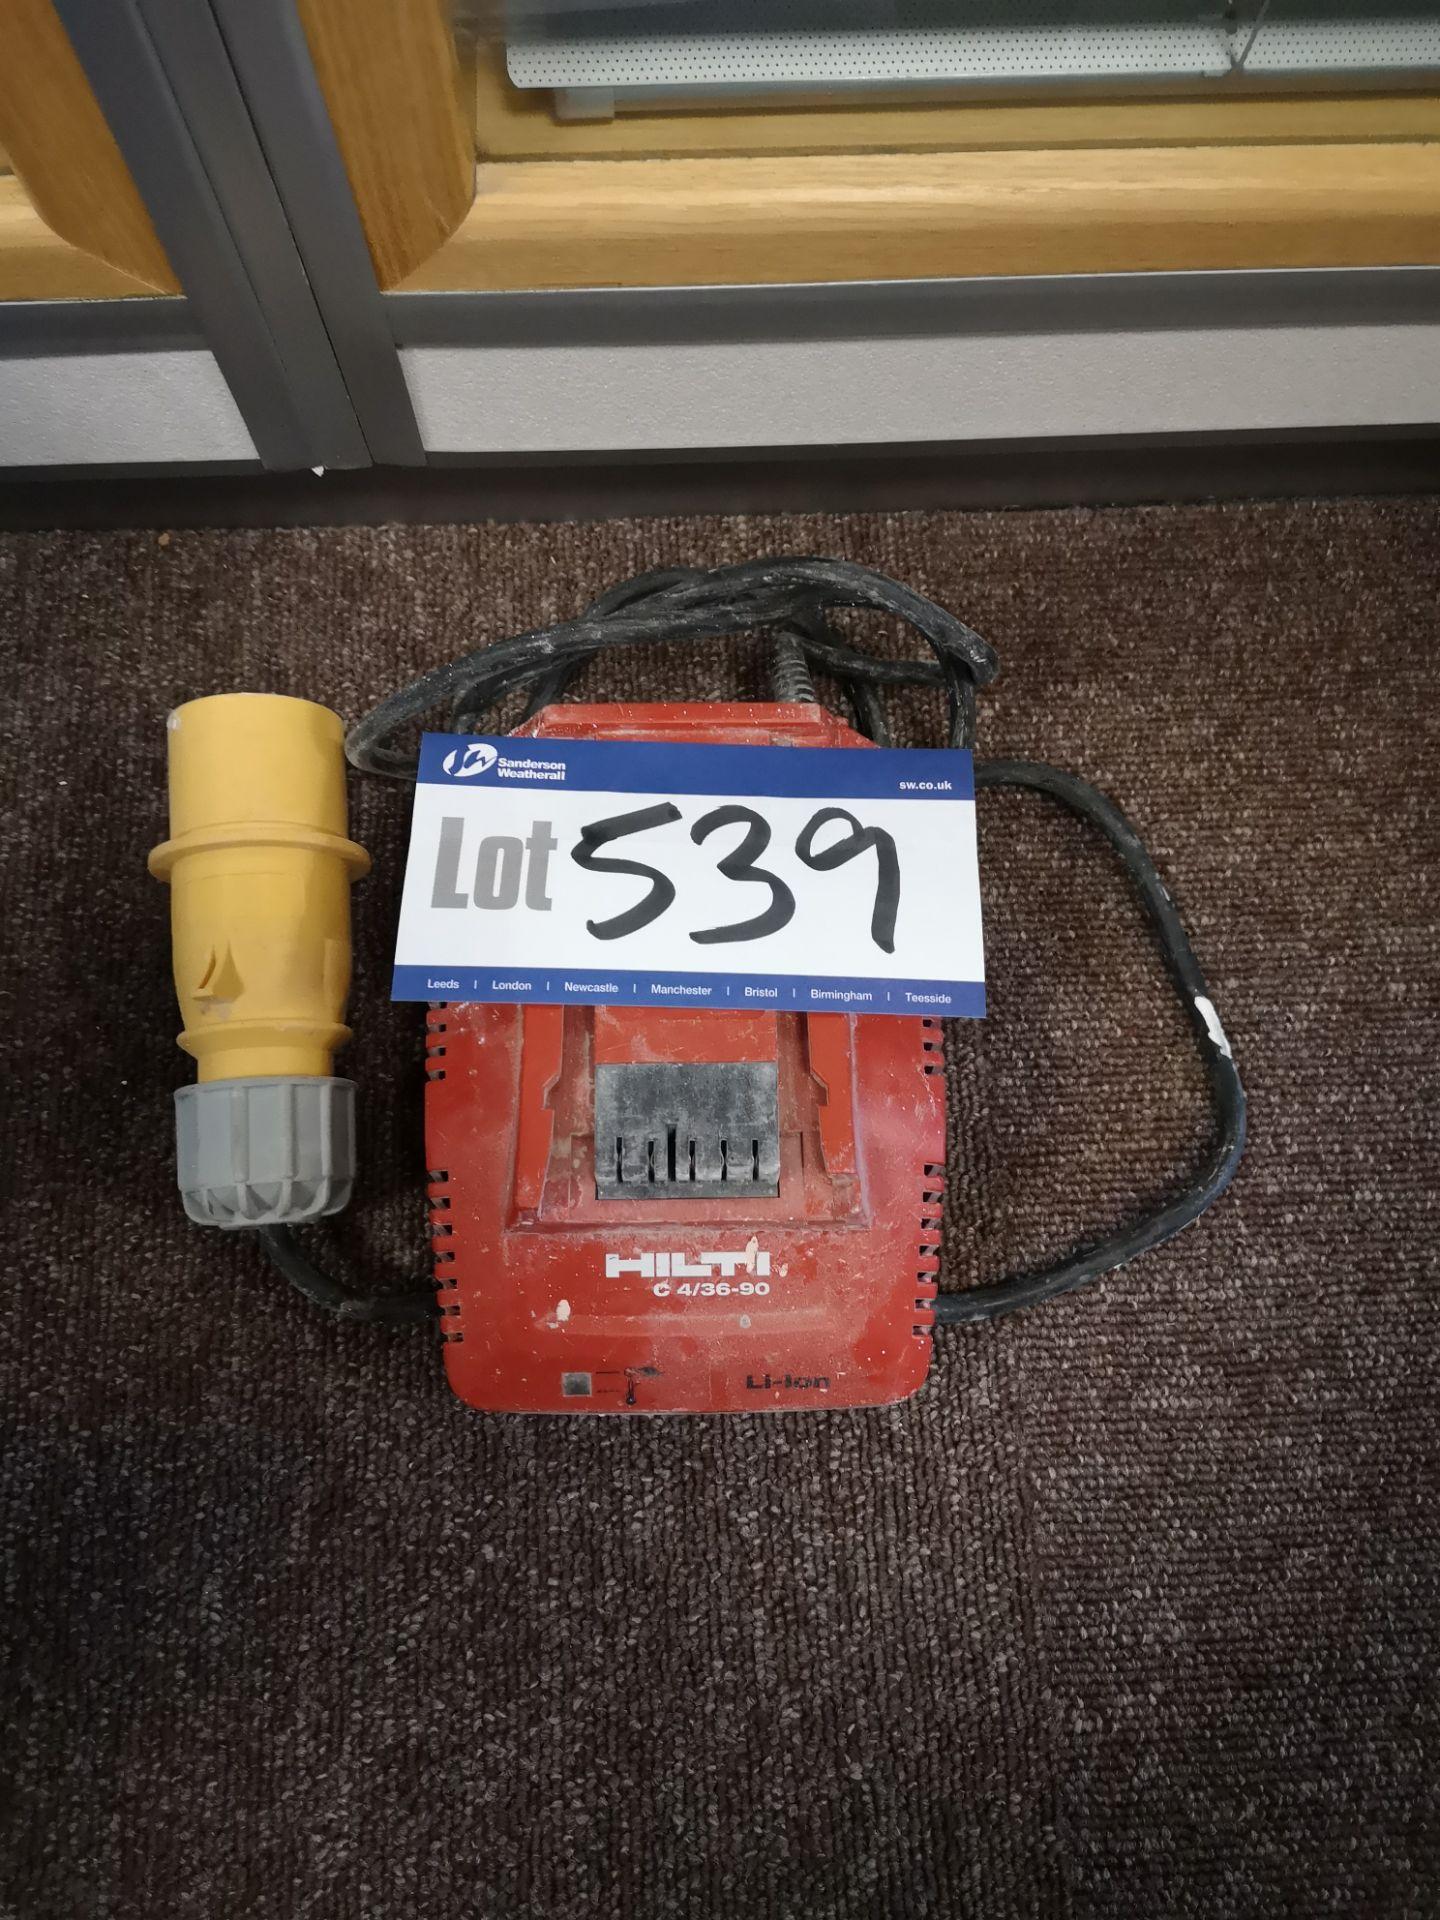 Lot 539 - Hilti C4/36-90 L-ion 7V-36V Battery Charger, 110V